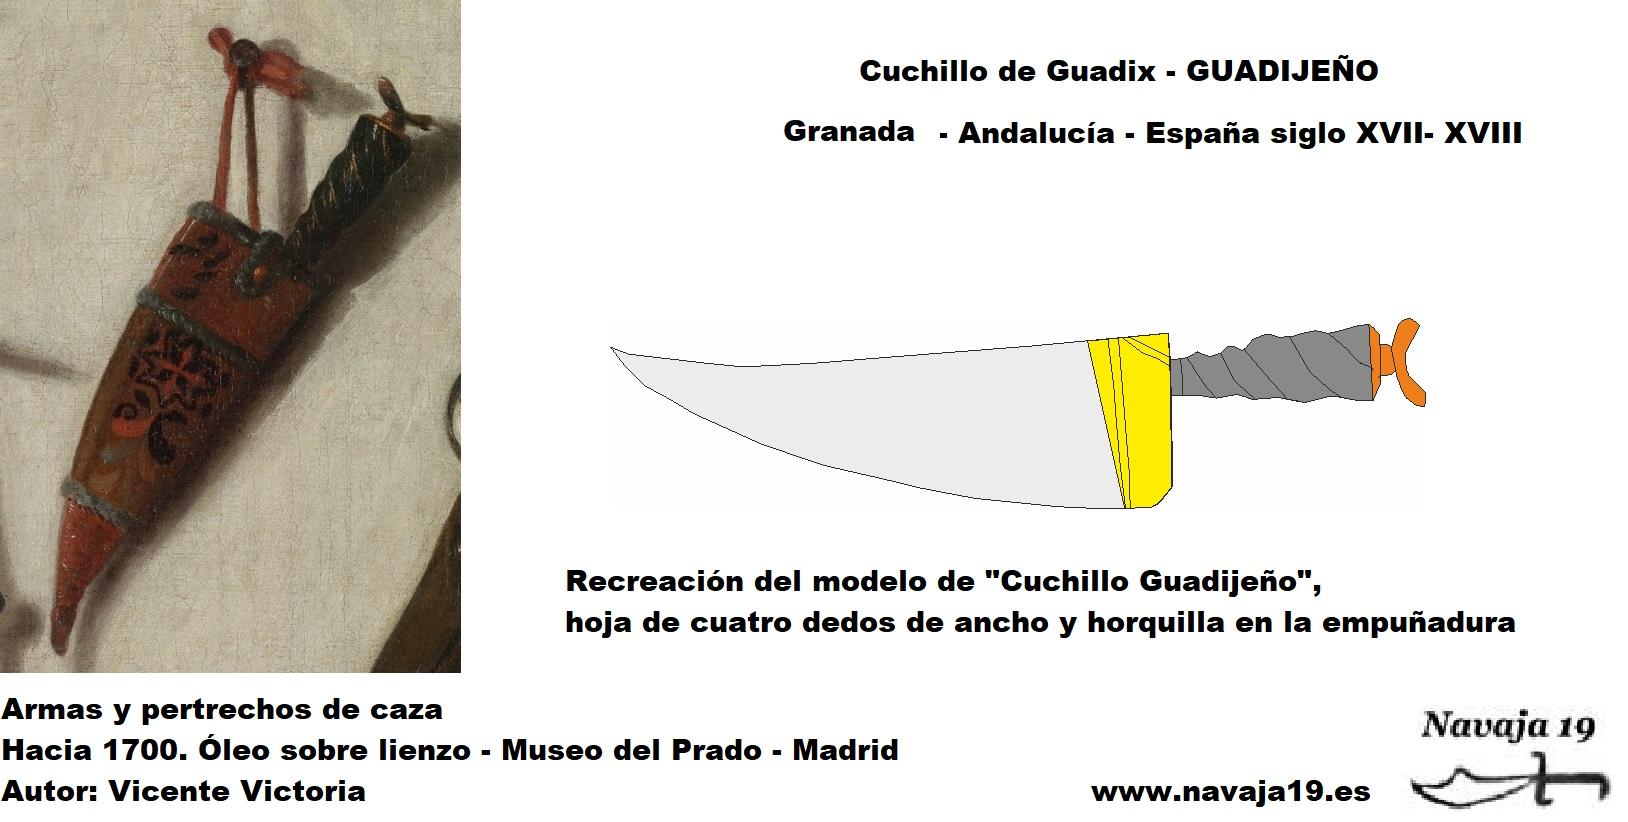 cuchillo guadijeño flamenco siglo XVIII XIX